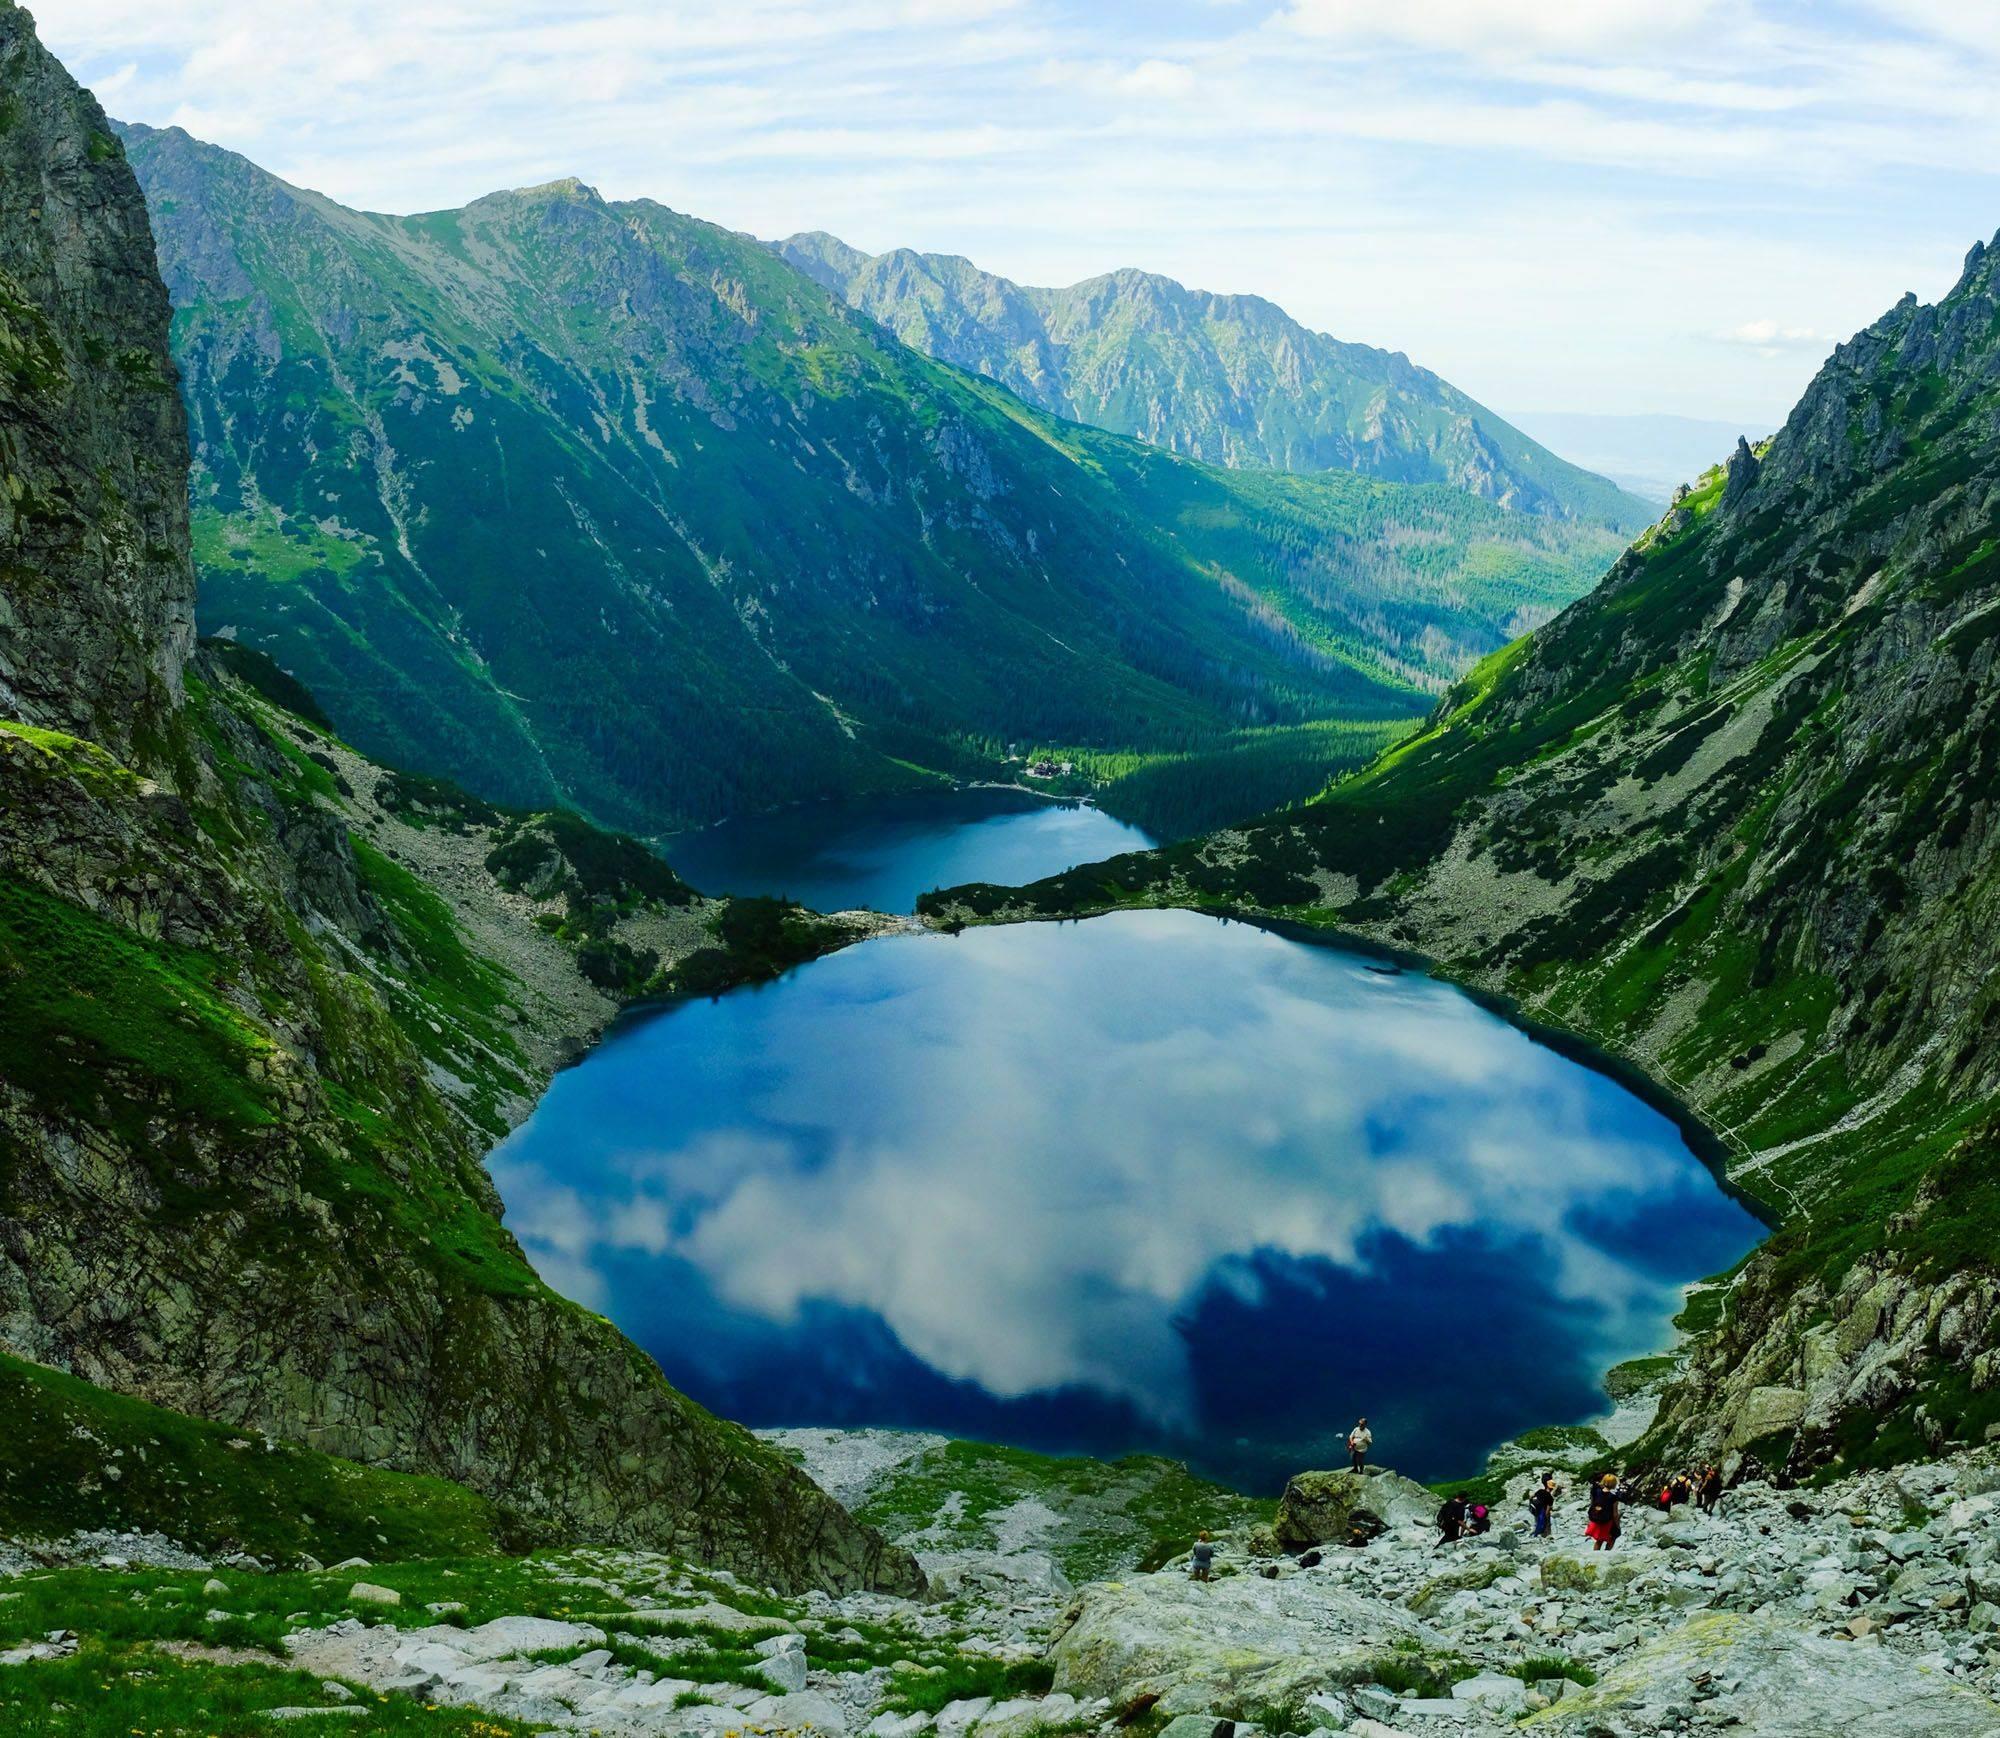 Озеро морской глаз — где находится, как доехать, фото, отдых на озере 2021, легенды, отели рядом на туристер.ру